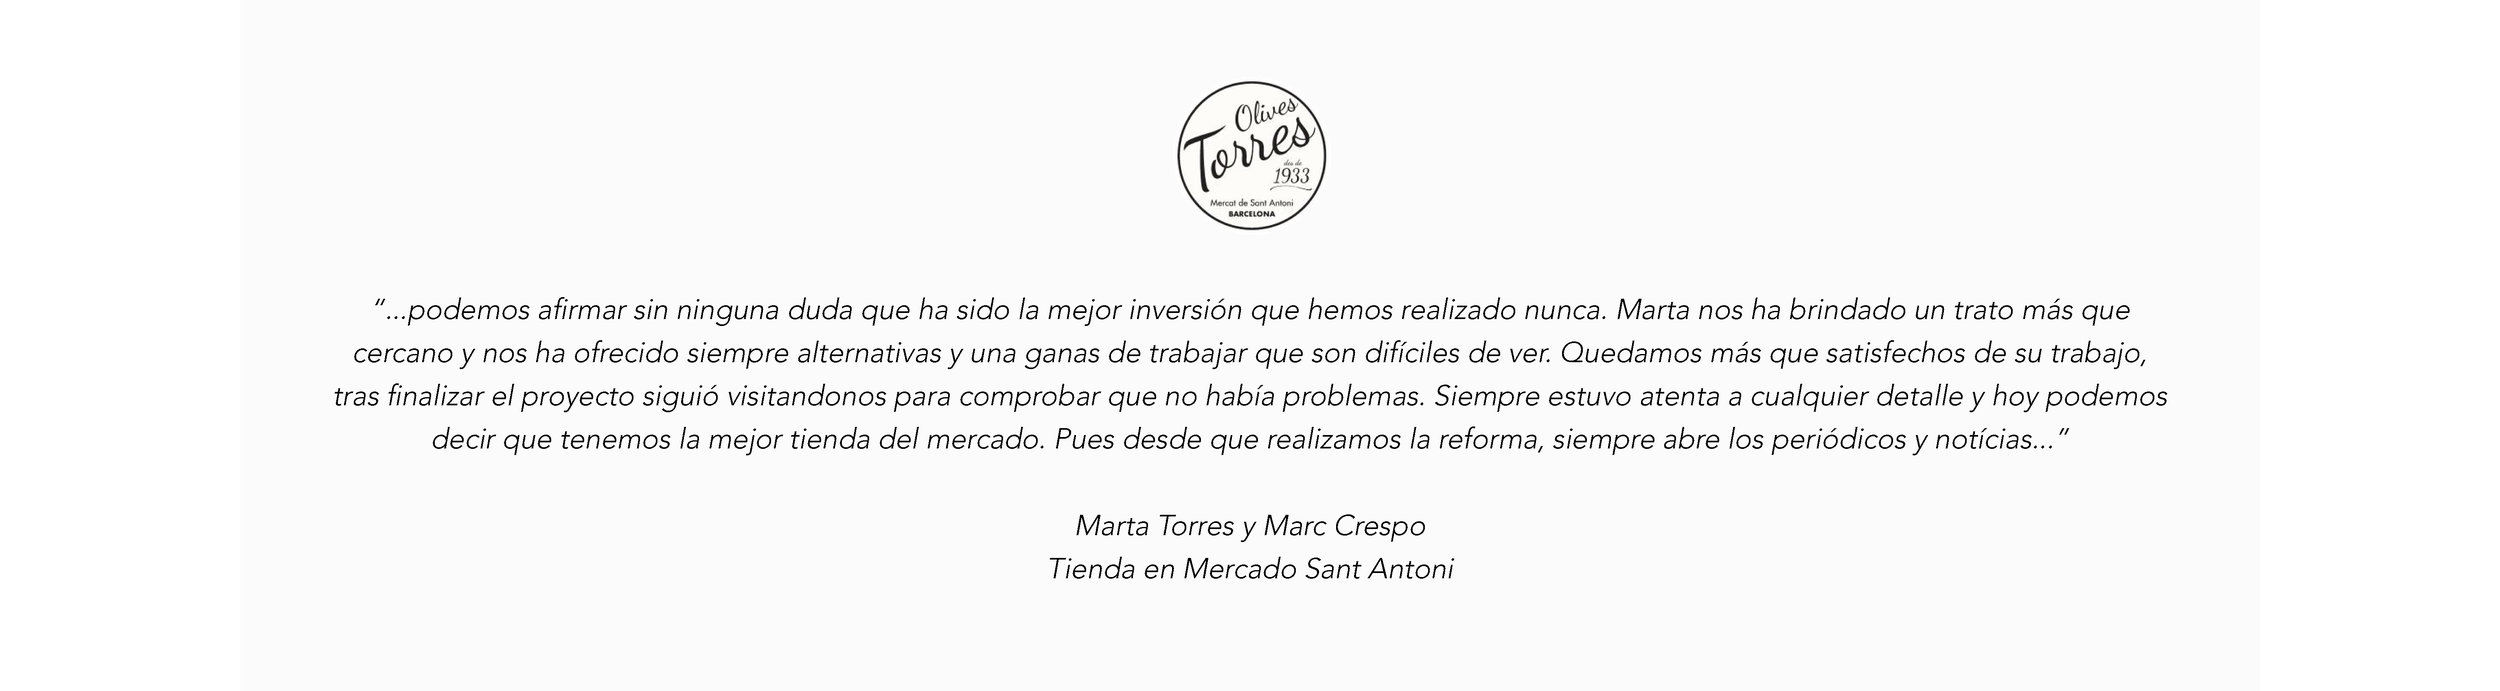 marta-alonso-interiorismo-olives-torres.jpg